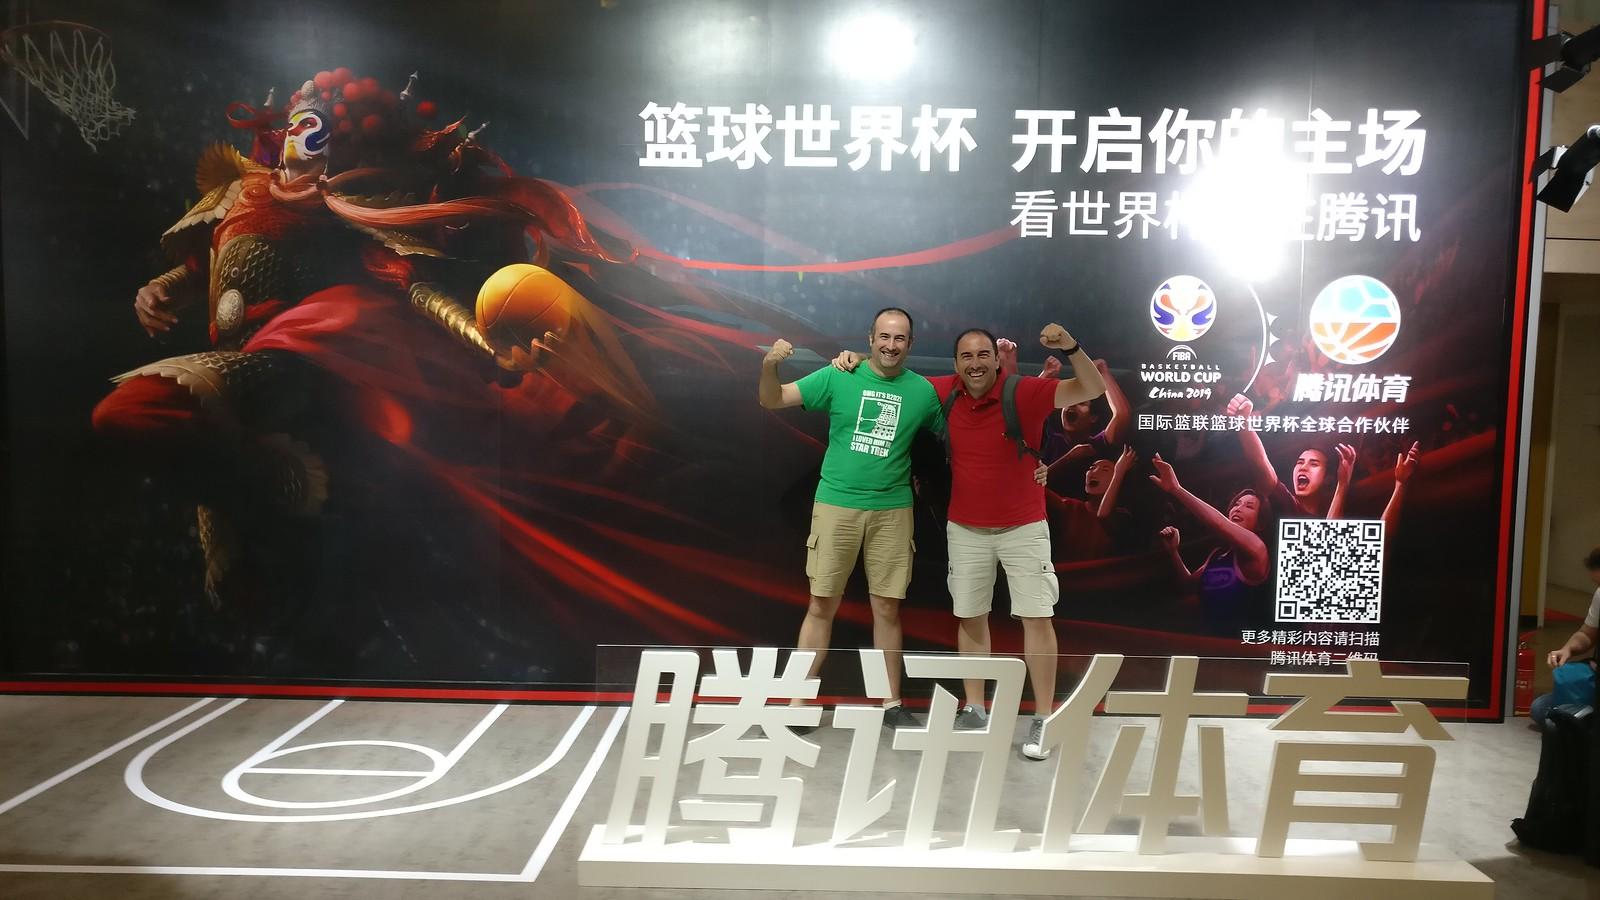 Con mi hermano celebrando la victoria en la semifinal del Mundial FIBA de Baloncesto